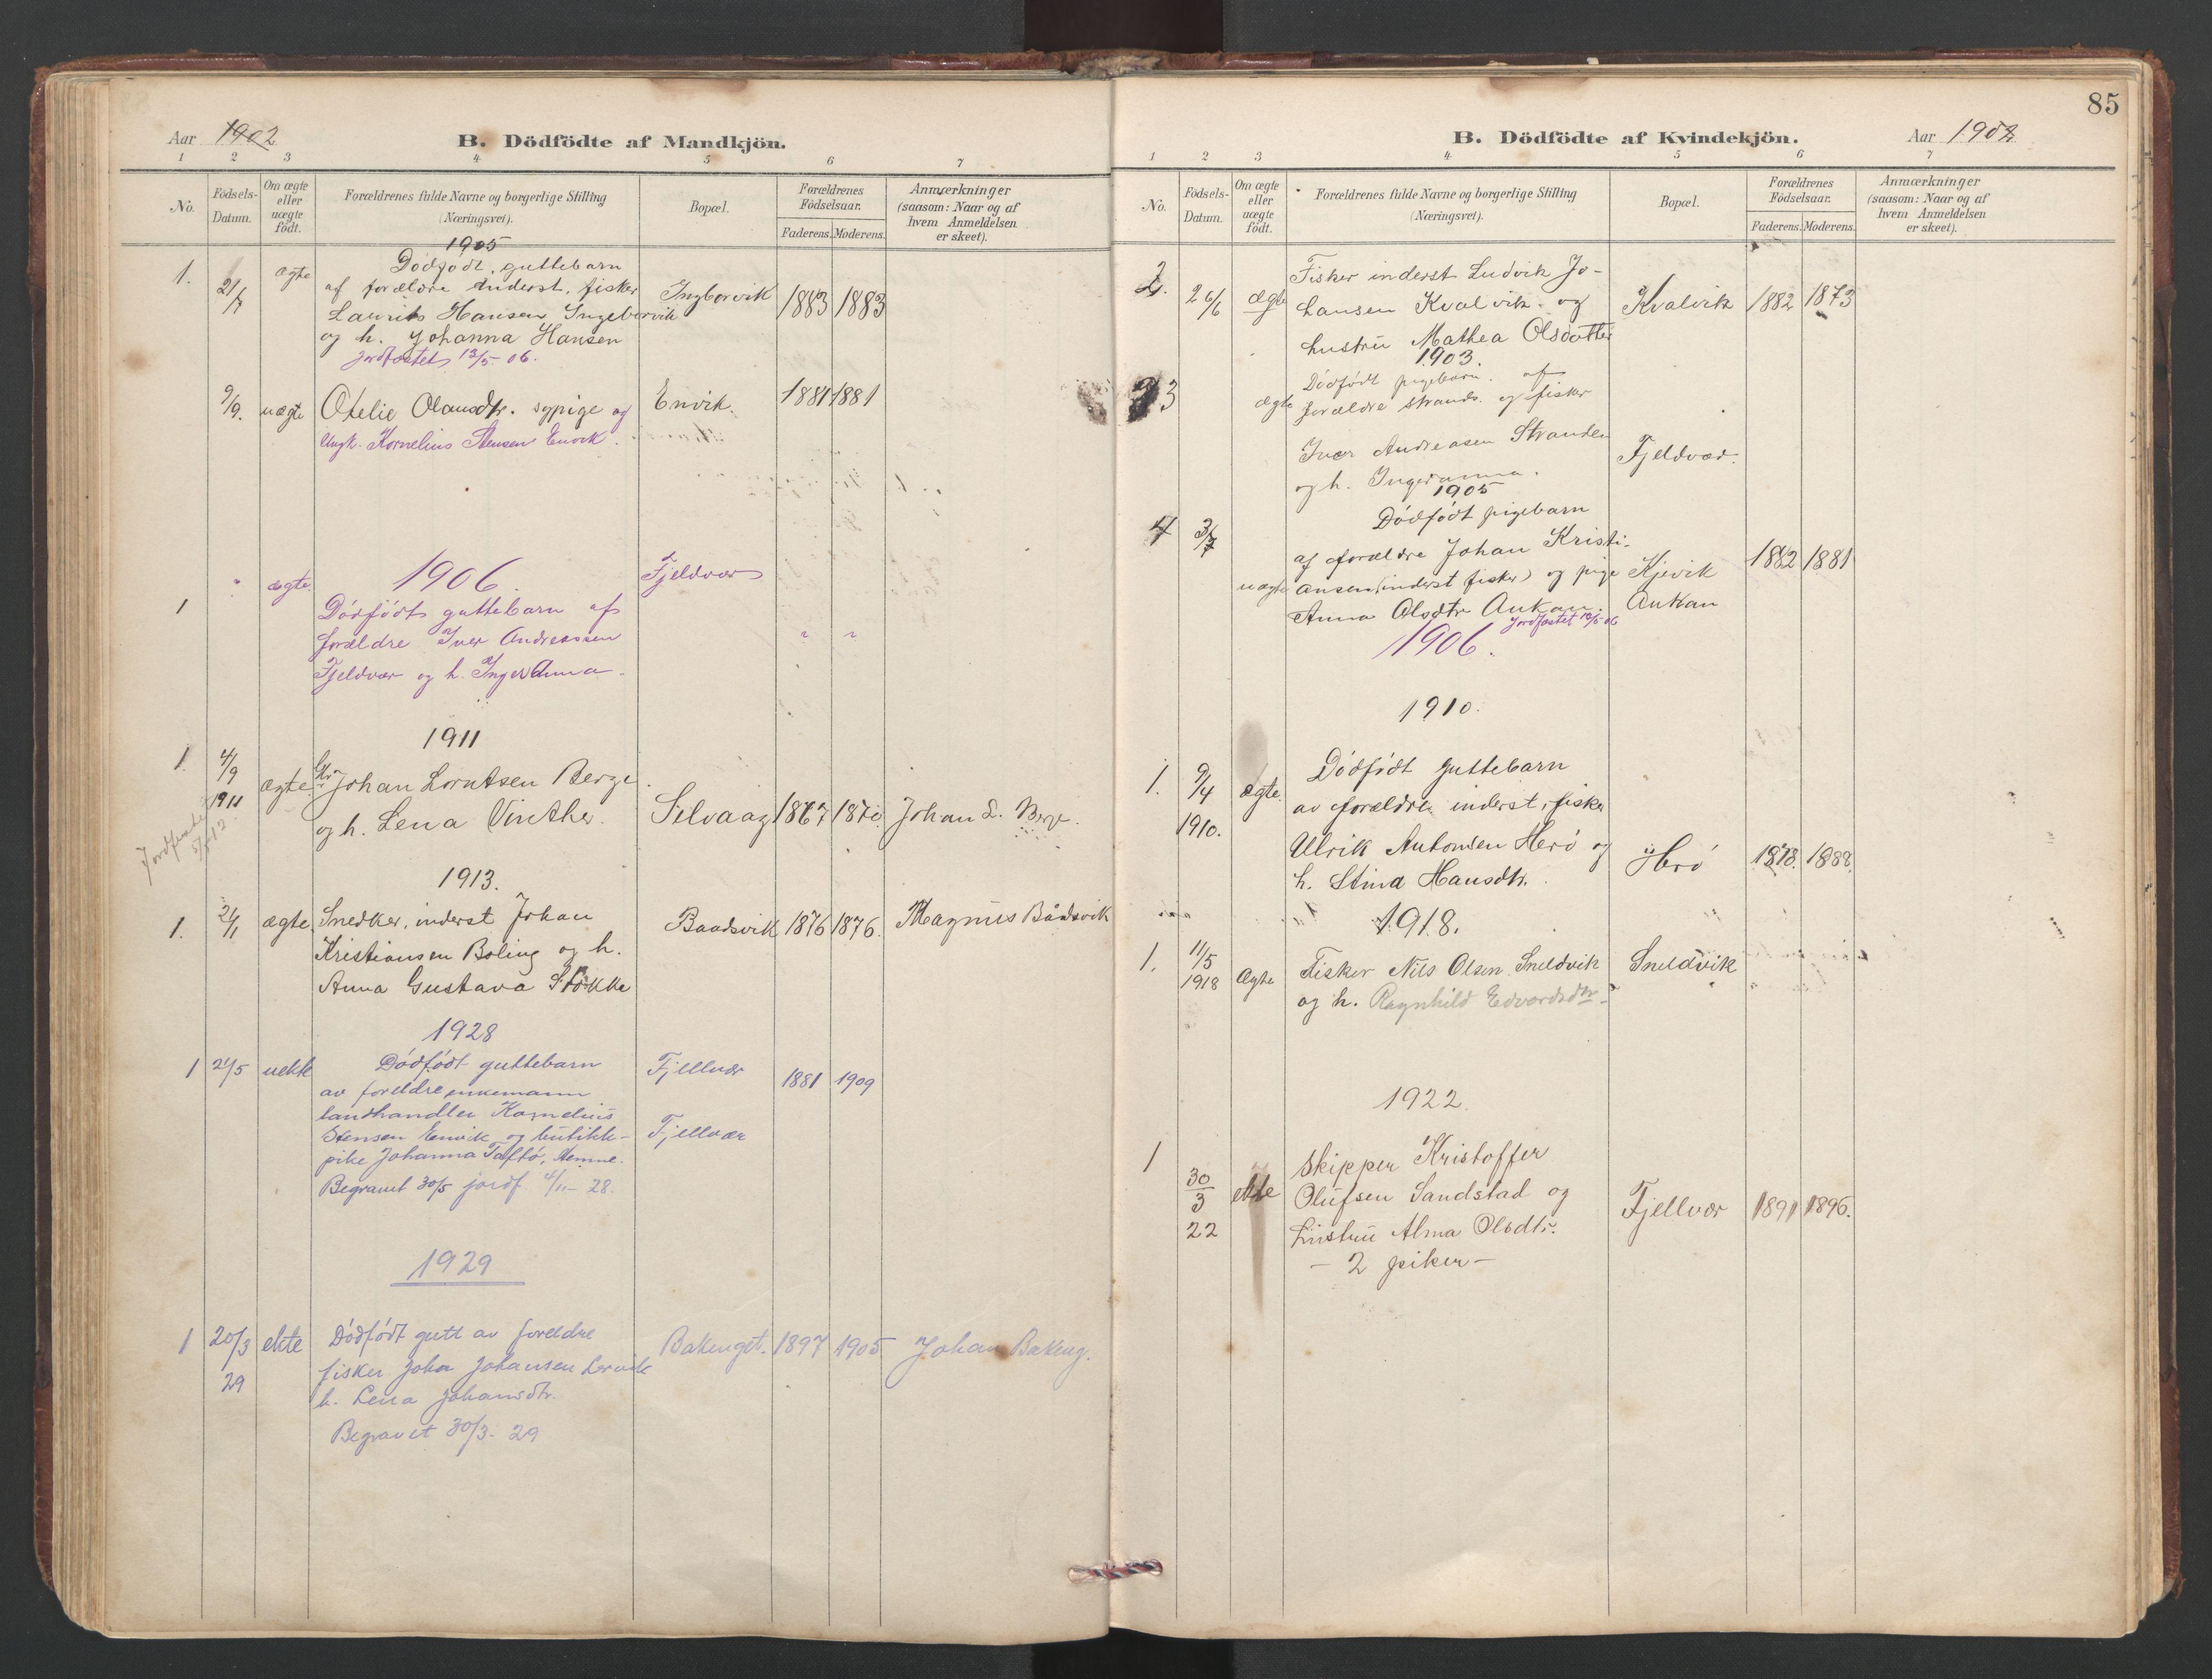 SAT, Ministerialprotokoller, klokkerbøker og fødselsregistre - Sør-Trøndelag, 638/L0571: Klokkerbok nr. 638C03, 1901-1930, s. 85